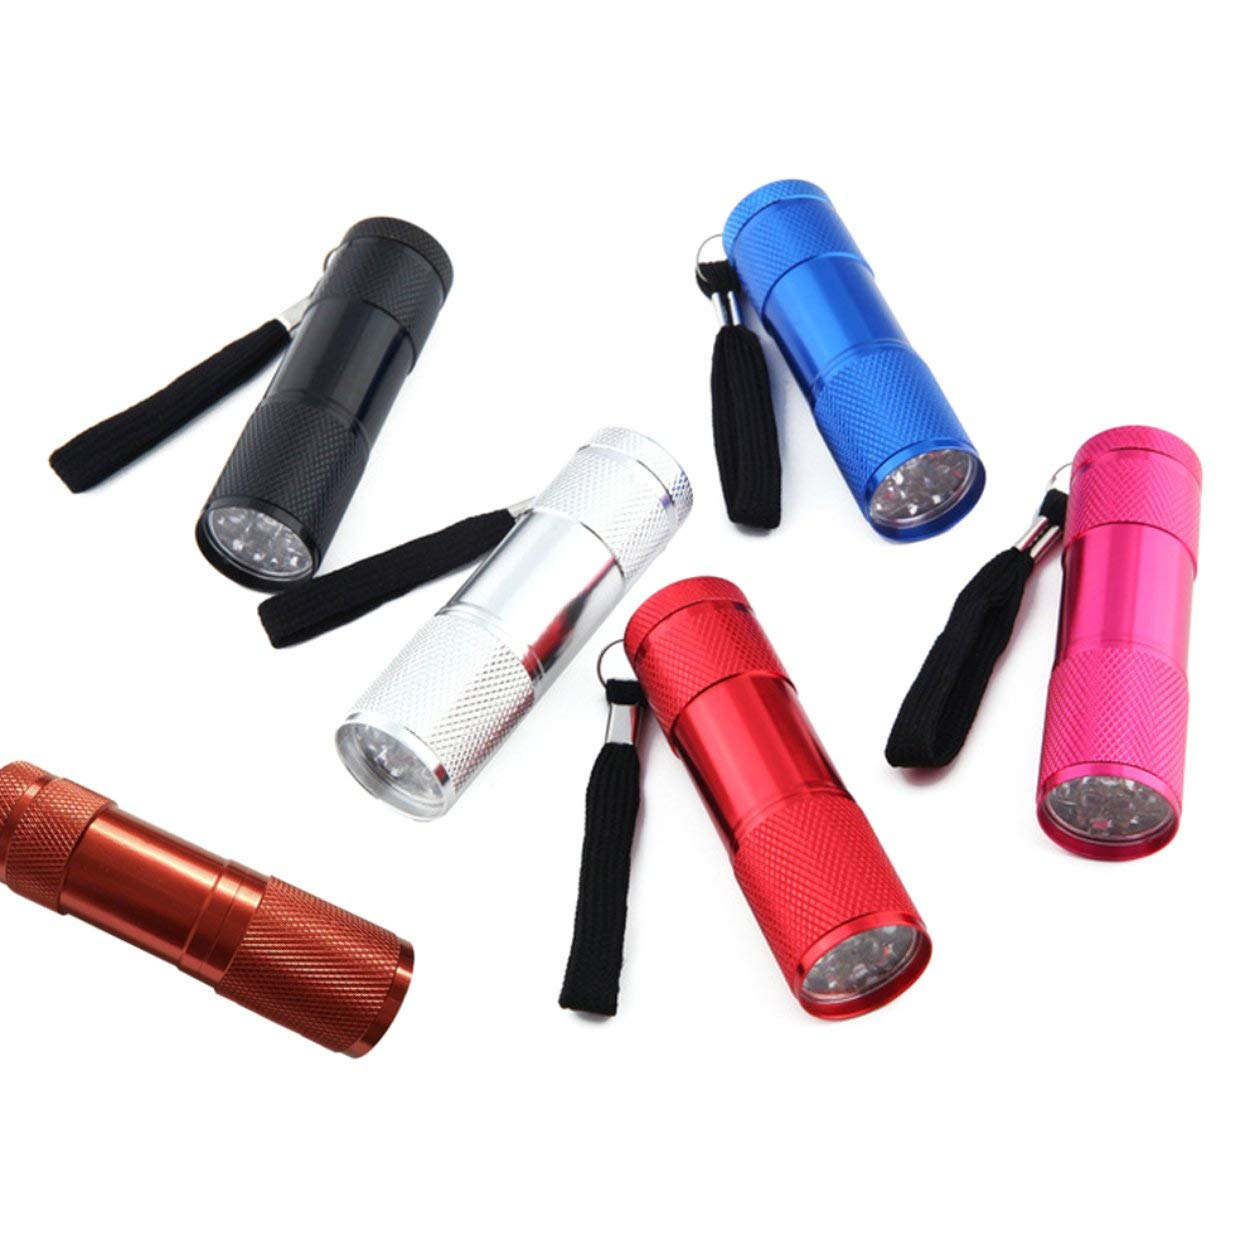 BIYI Mini 9LED Linterna UV Rayos ultravioleta Detecci/ón de marcador de tinta invisible Antorcha Luz para comprobar la factura Dinero negro